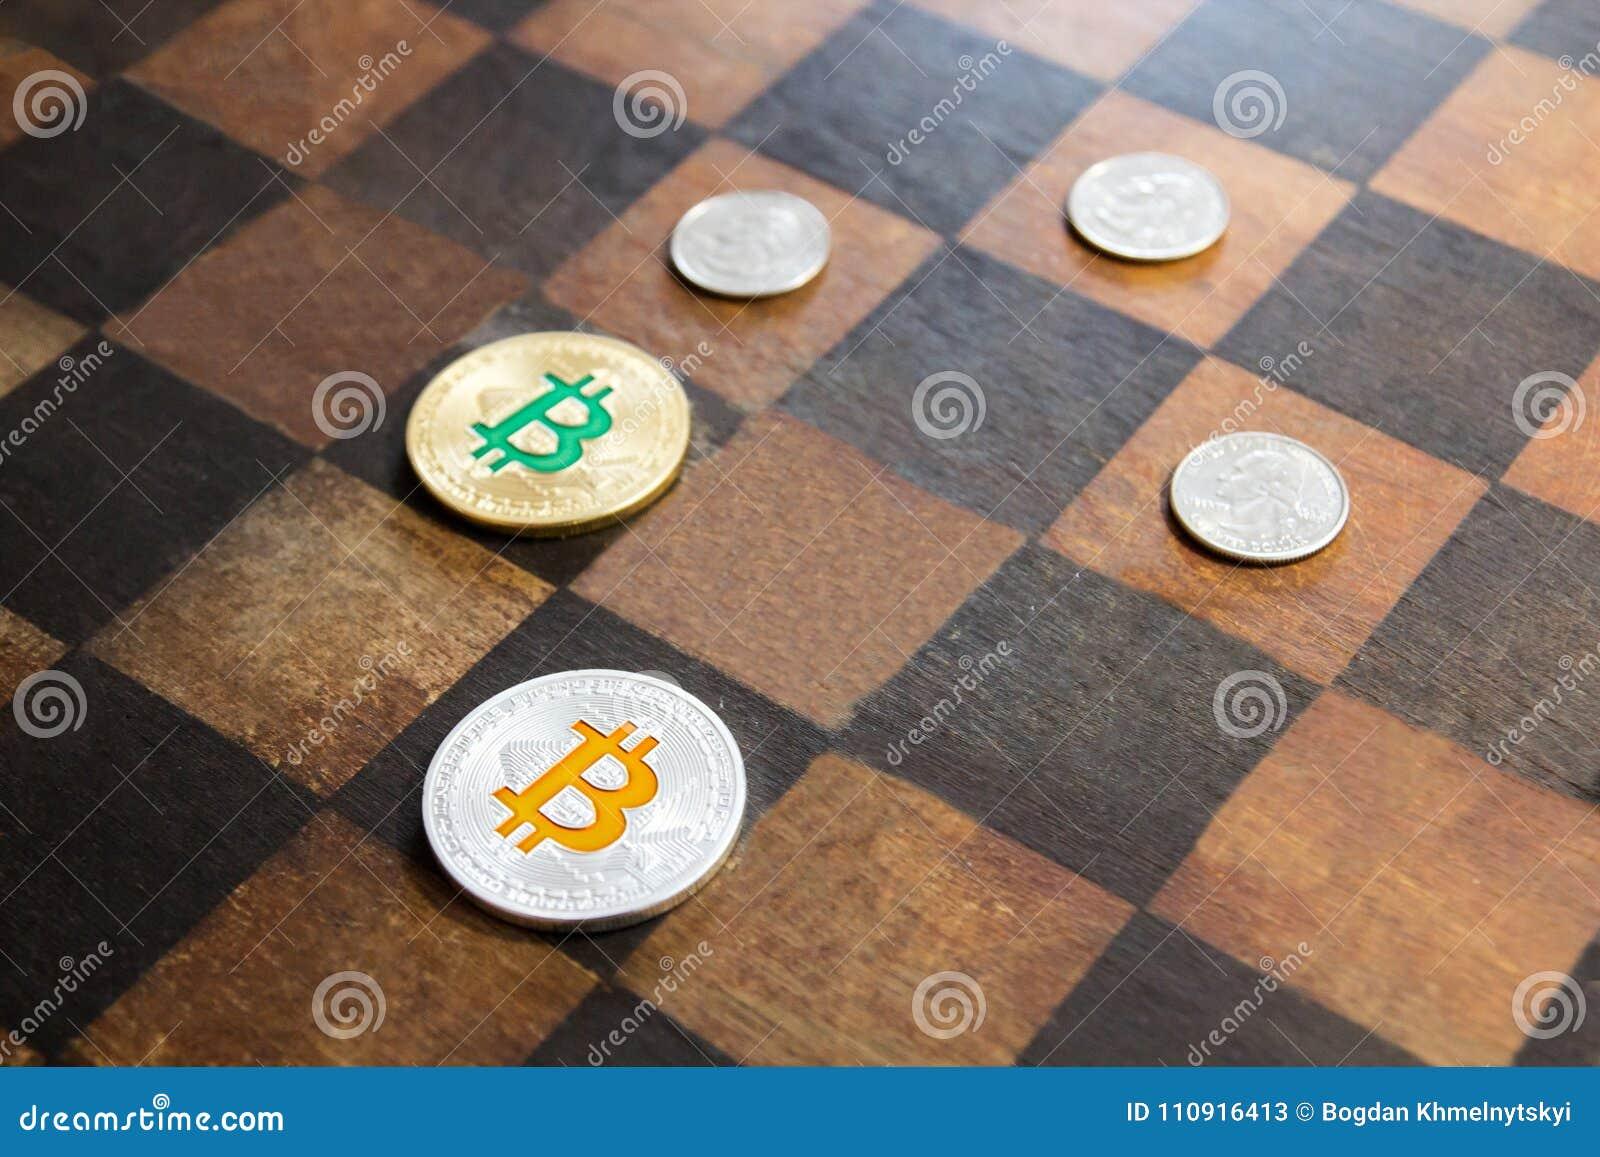 Bitcoins is binnen tegengesteld aan dollars